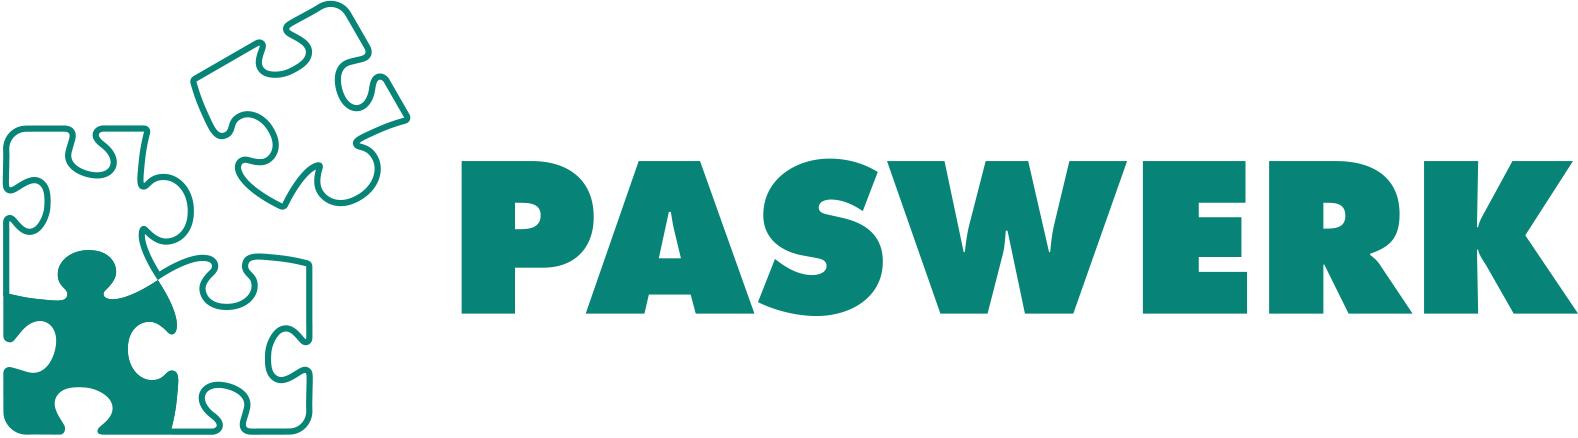 logo paswerk algemeen FC